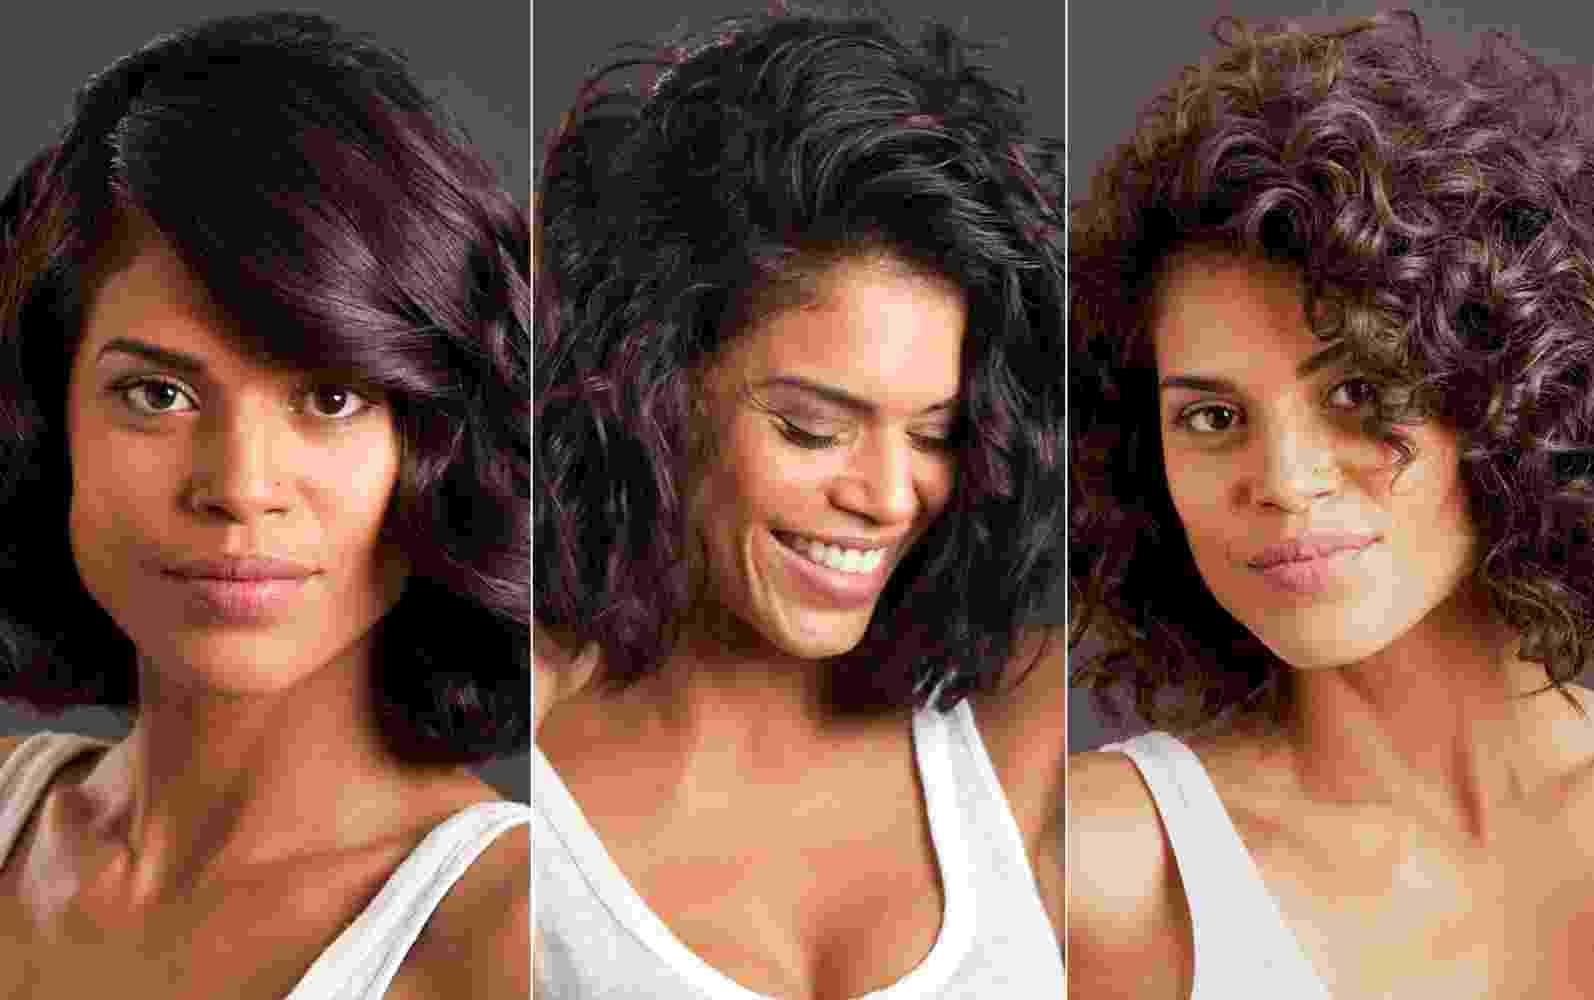 Ondas em alta: aprenda a fazer os três cabelos da moda, com poucos produtos - Fabiano Cerchiari/UOL